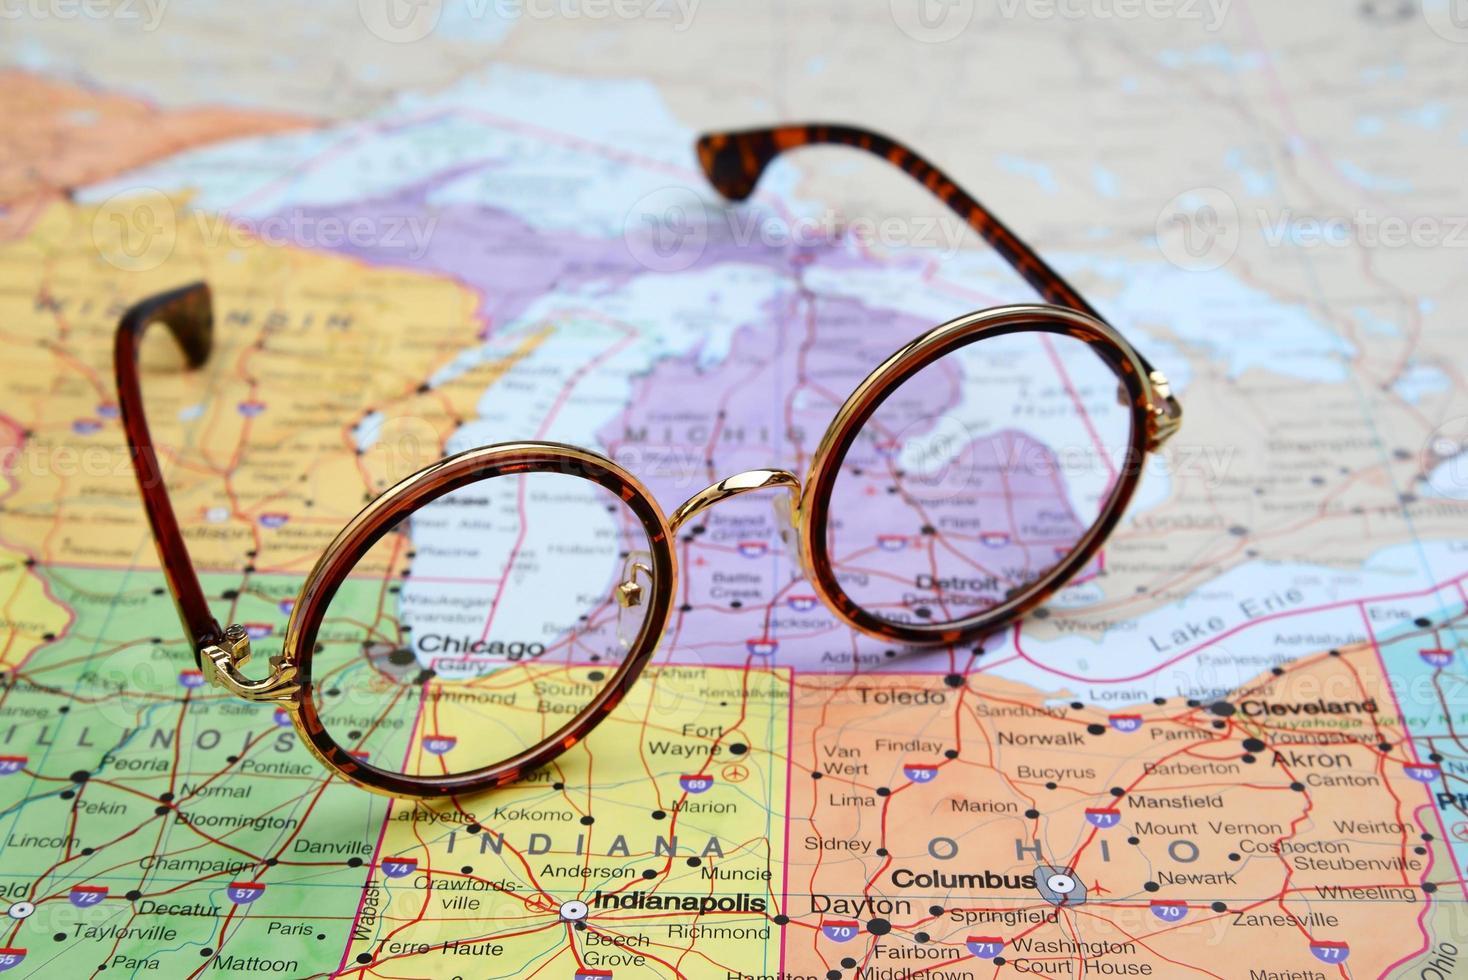 bril op een kaart van de VS - Chicago foto